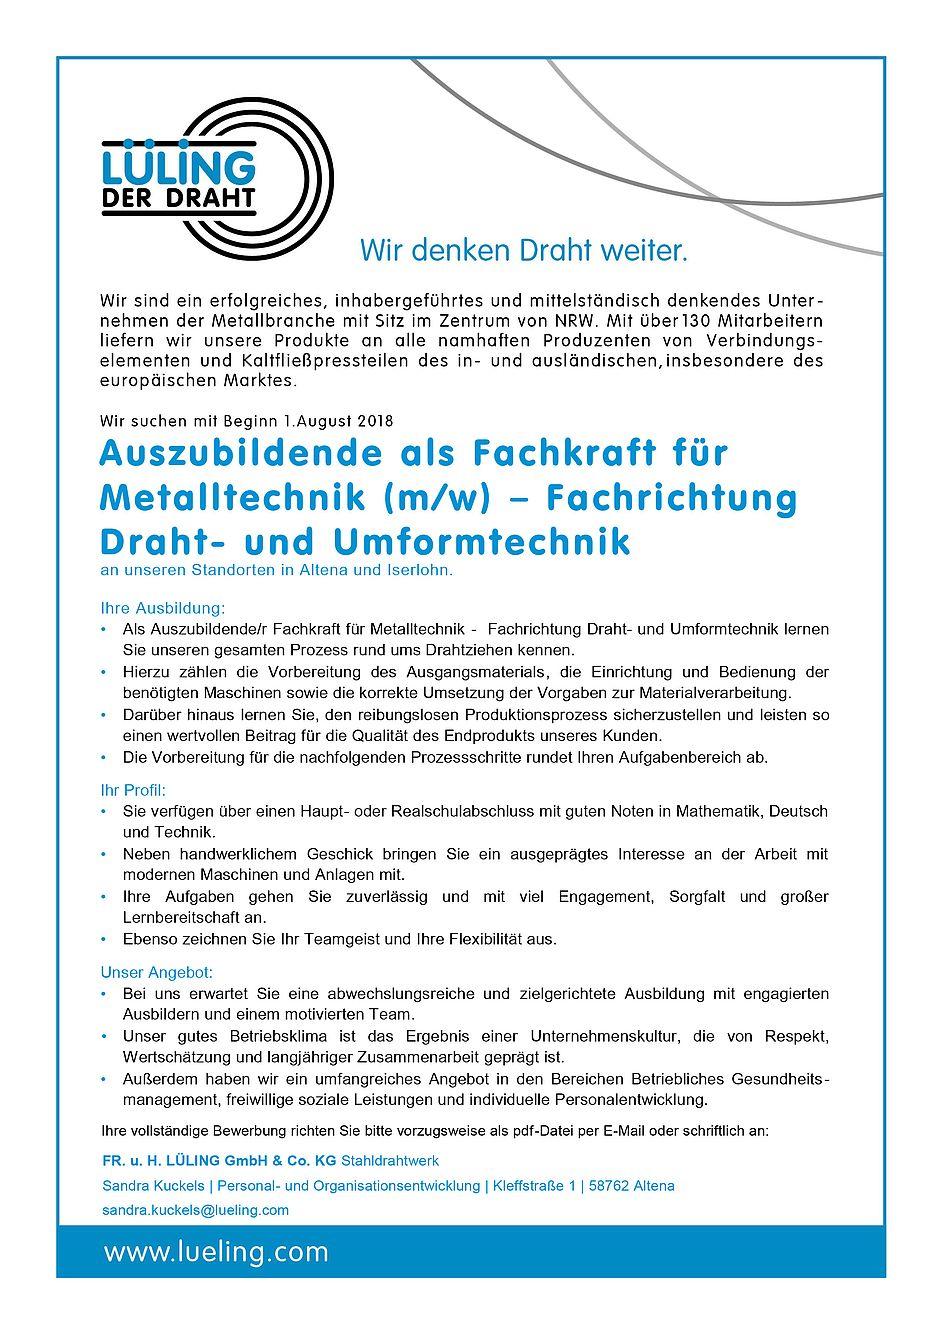 Schön Constantina Draht Bilder - Der Schaltplan - triangre.info